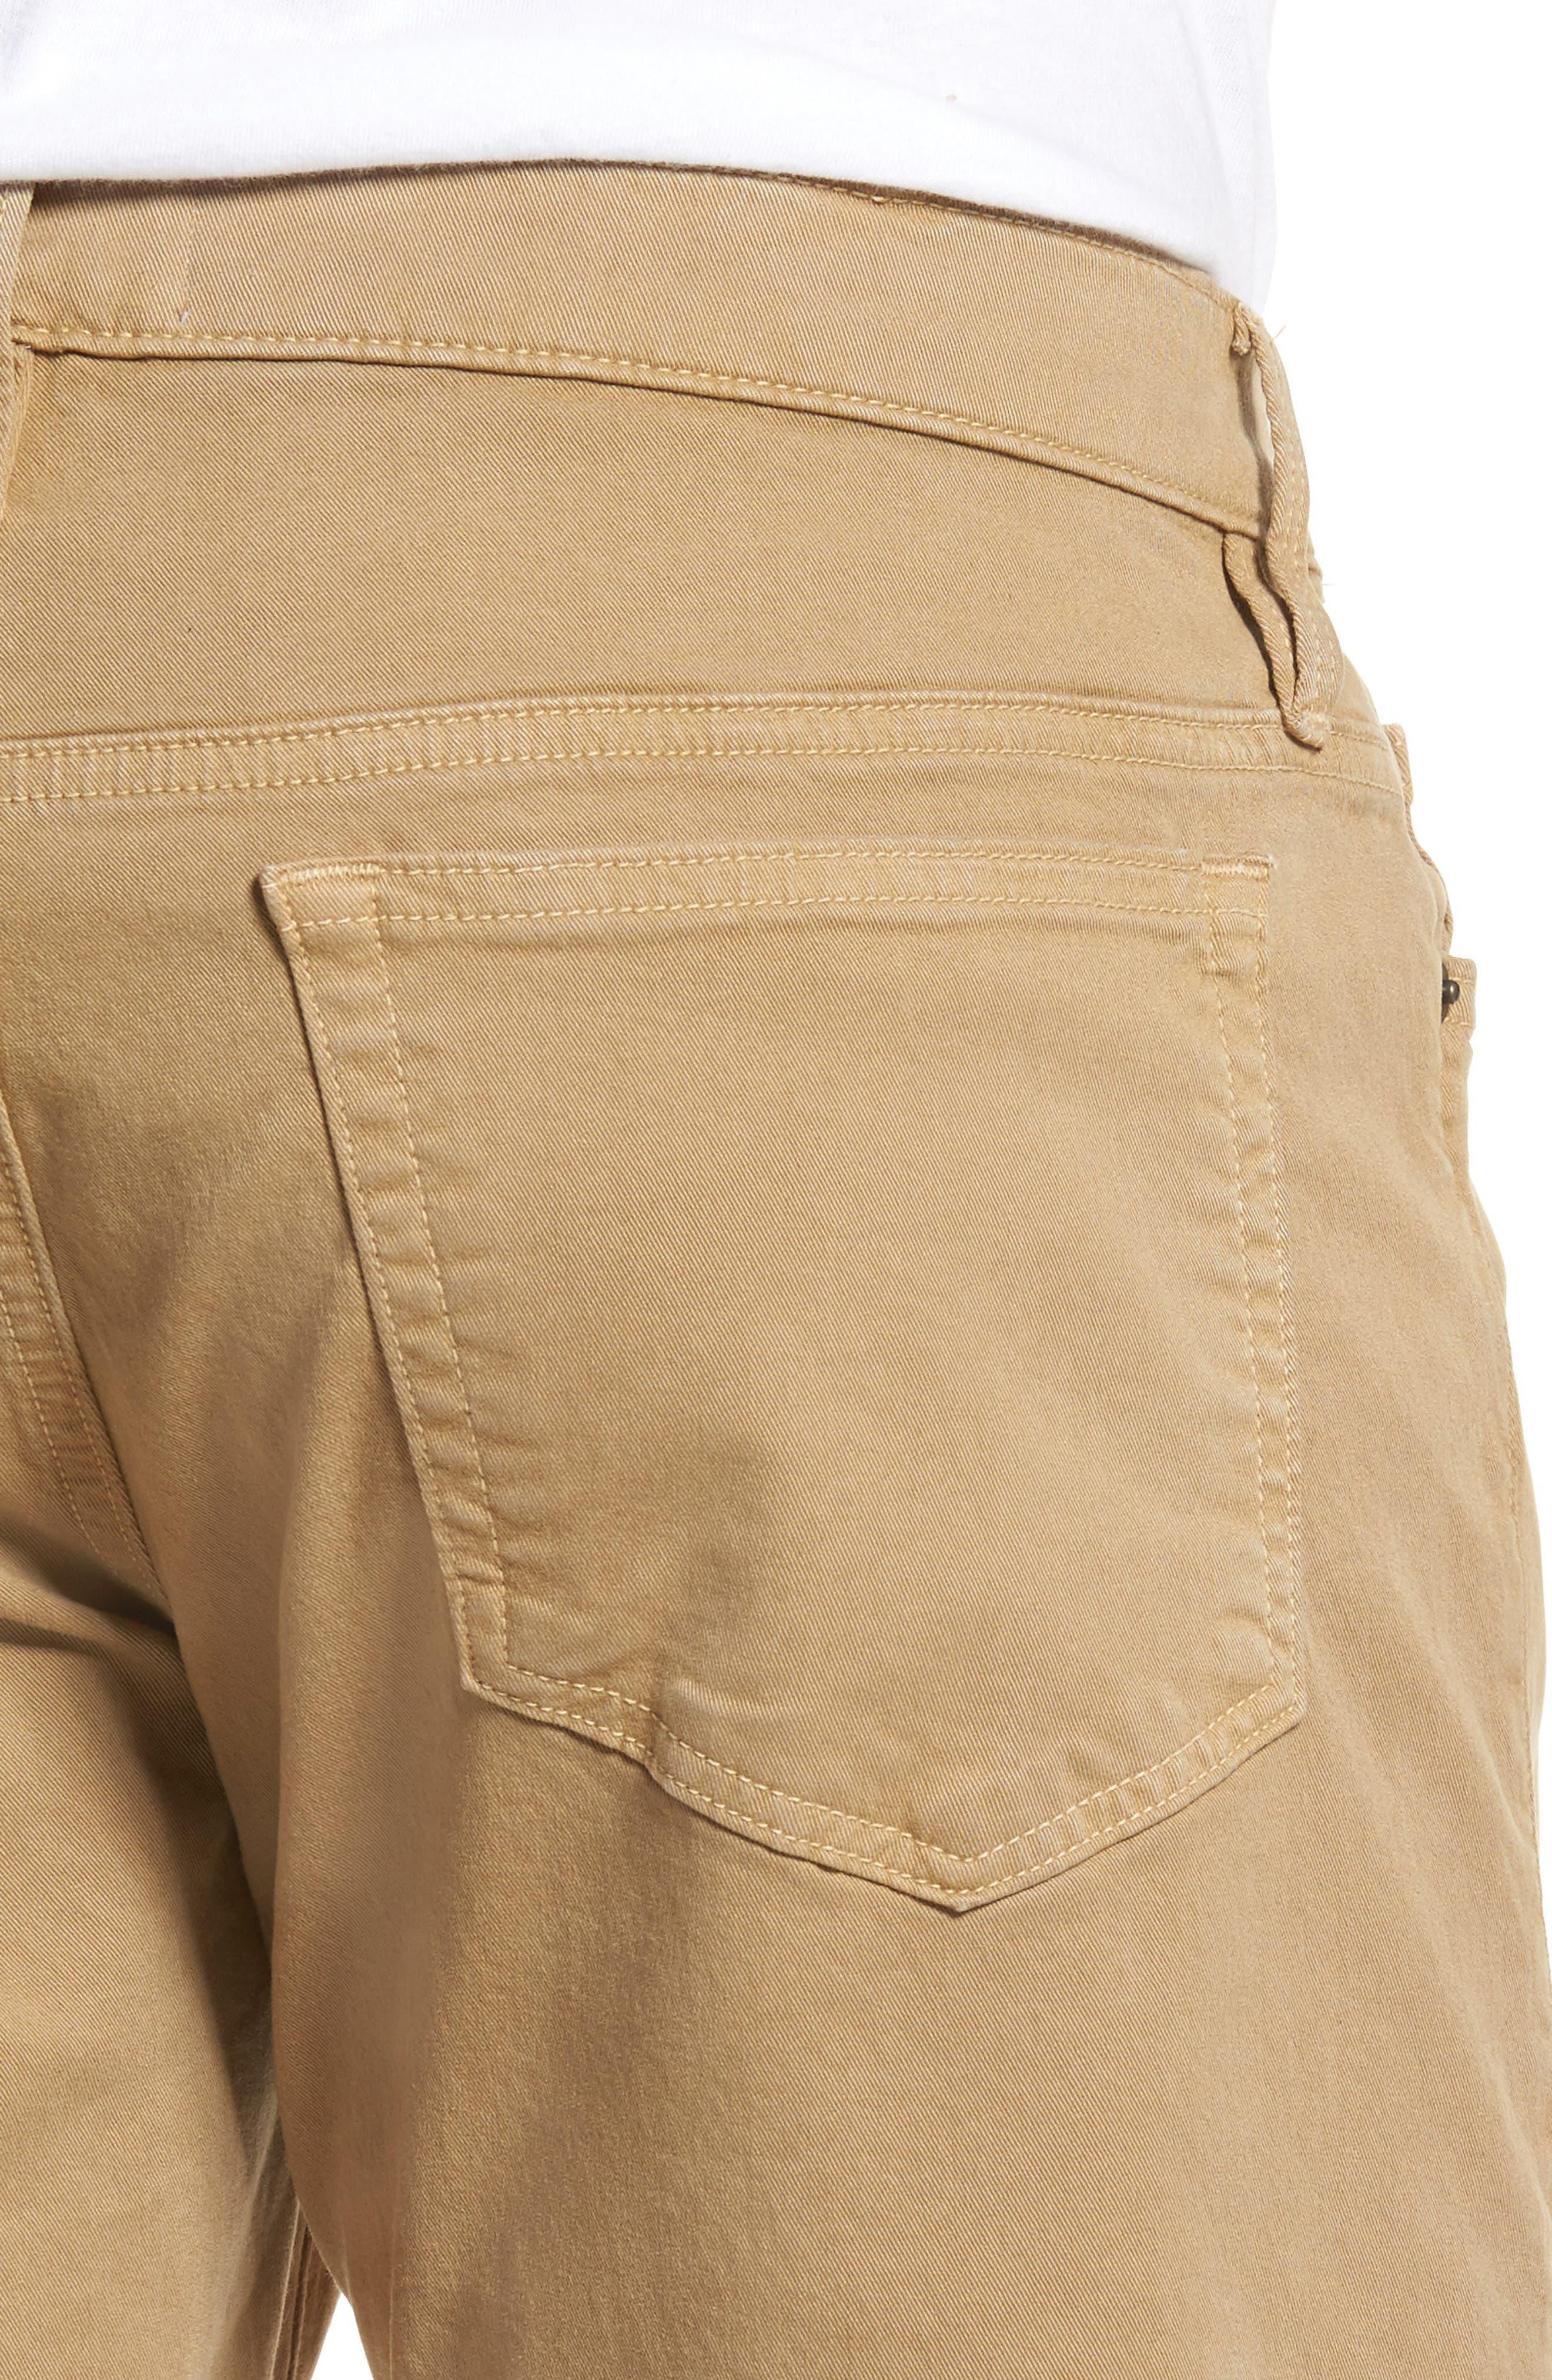 Homme Slim Fit Chino Pants,                             Alternate thumbnail 4, color,                             Khaki